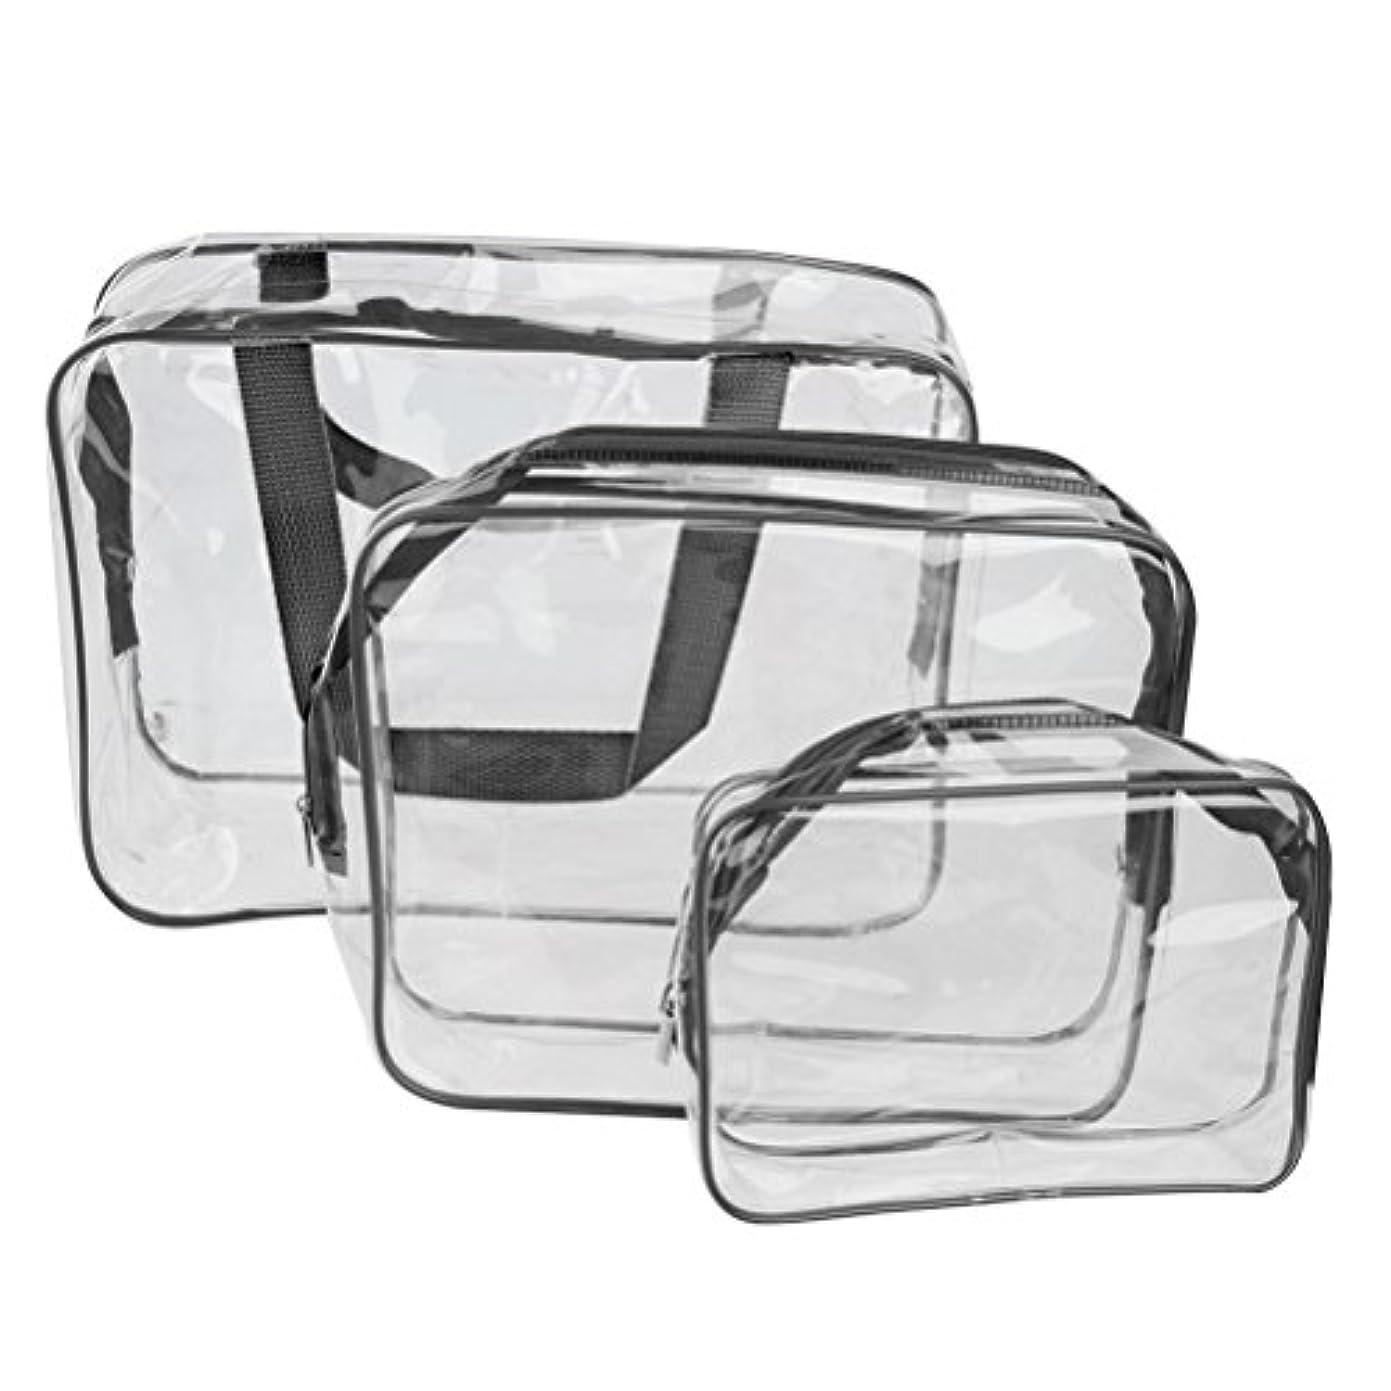 追放するもっと少なくスラッシュROSENICE 旅行出張用 透明化粧品バッグ ブラック